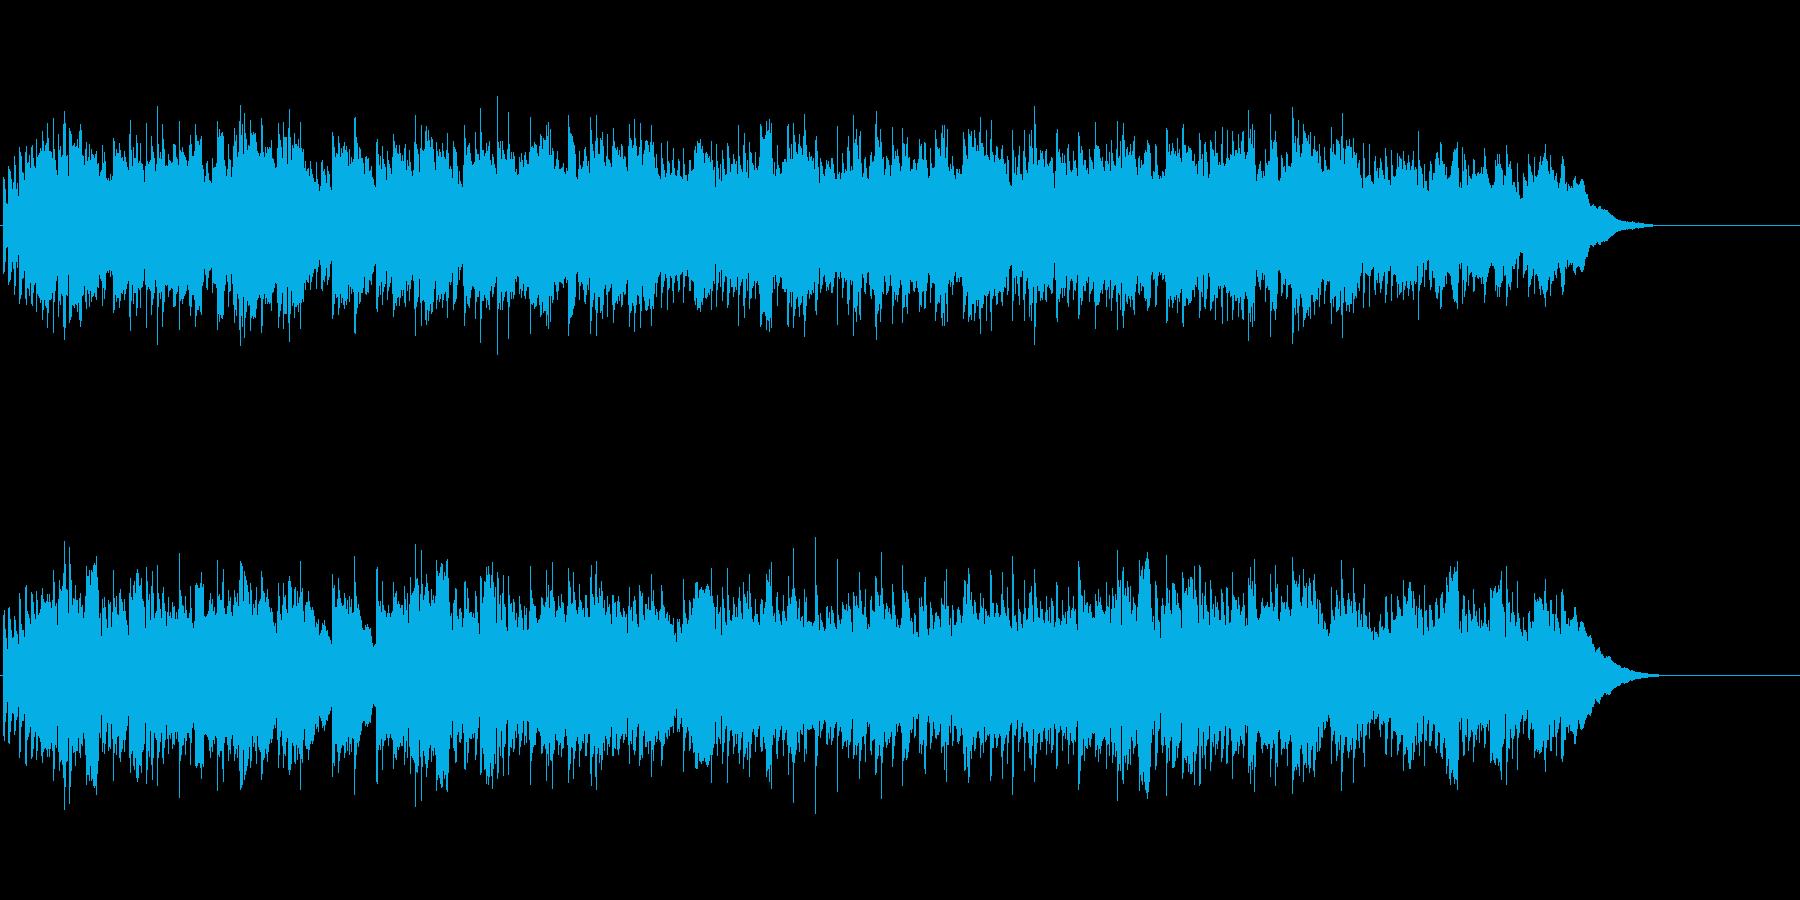 ツイン・アコースティック・ギターの再生済みの波形